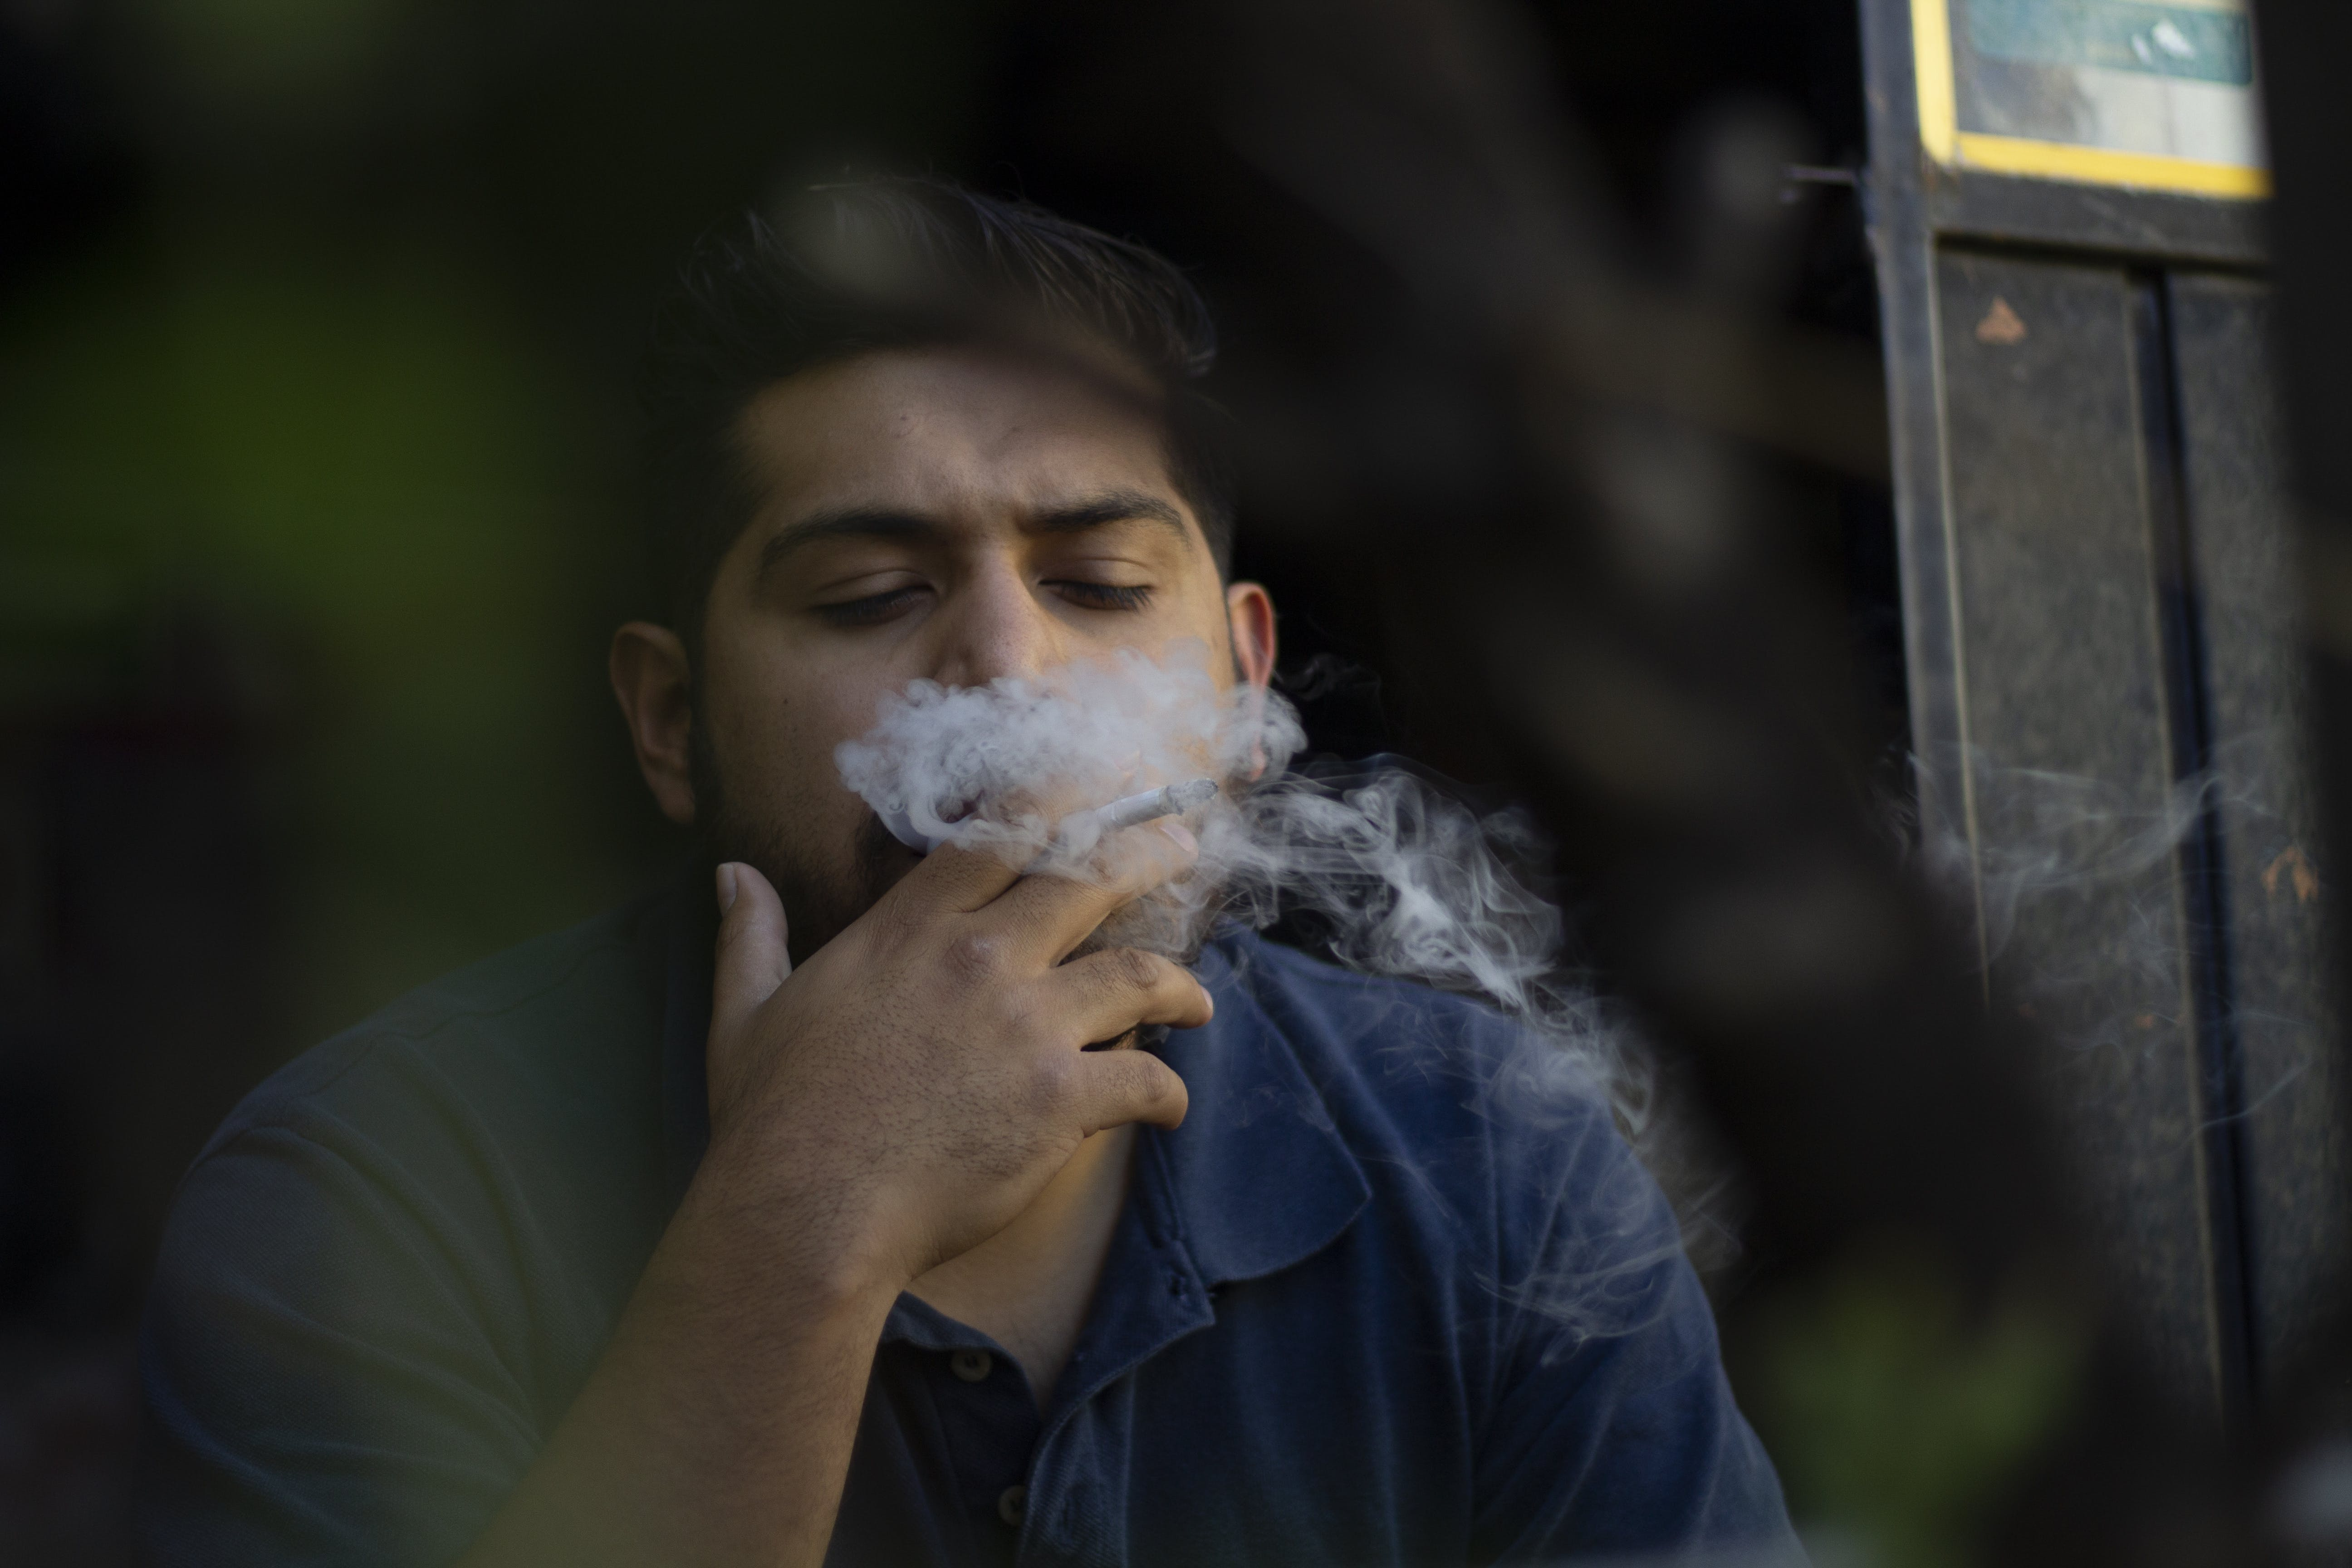 人, 抽煙者, 拉丁美洲人, 日光 的 免费素材照片